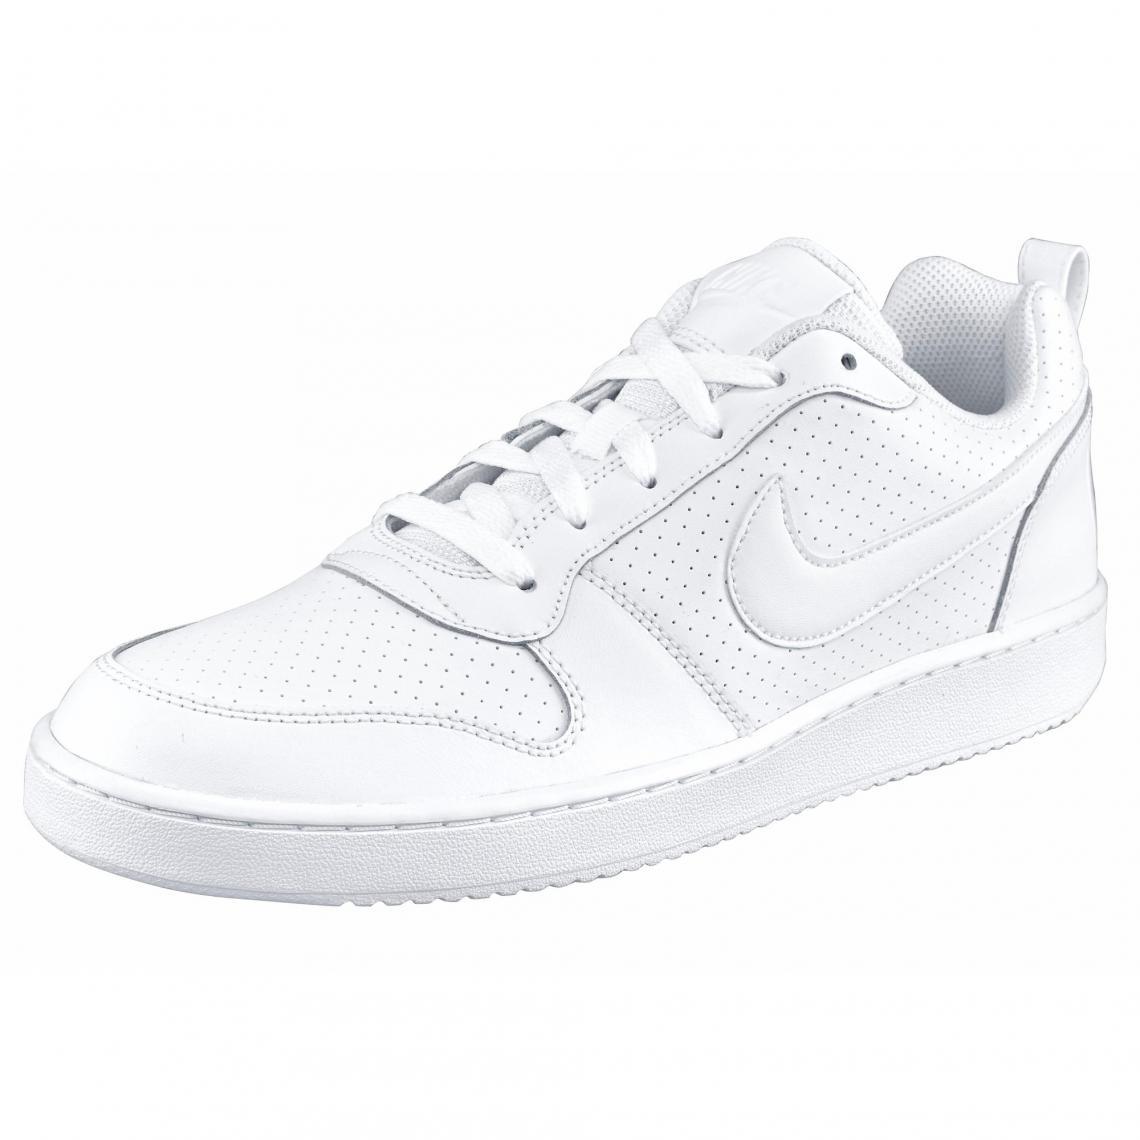 Blanc Shoe Nike De Sport Low Chaussures Recreation Homme 3suisses wqSHO7Z